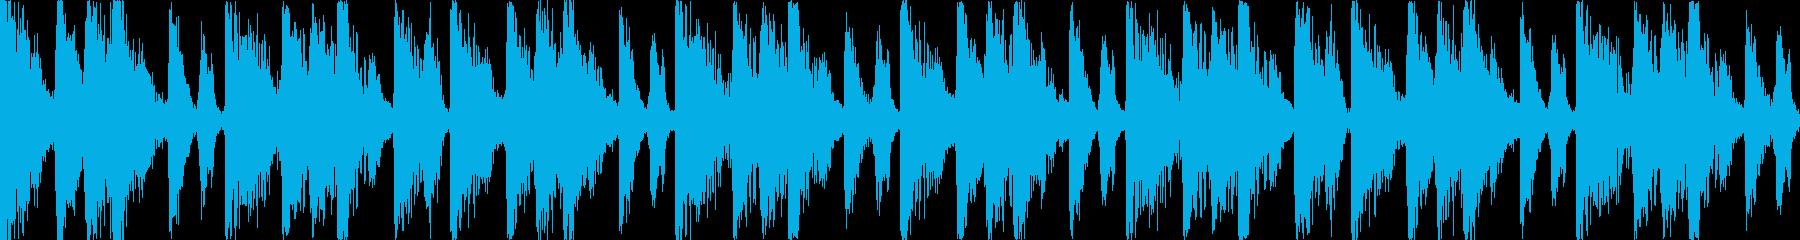 【ループB】ファンキーなブレイクビーツの再生済みの波形